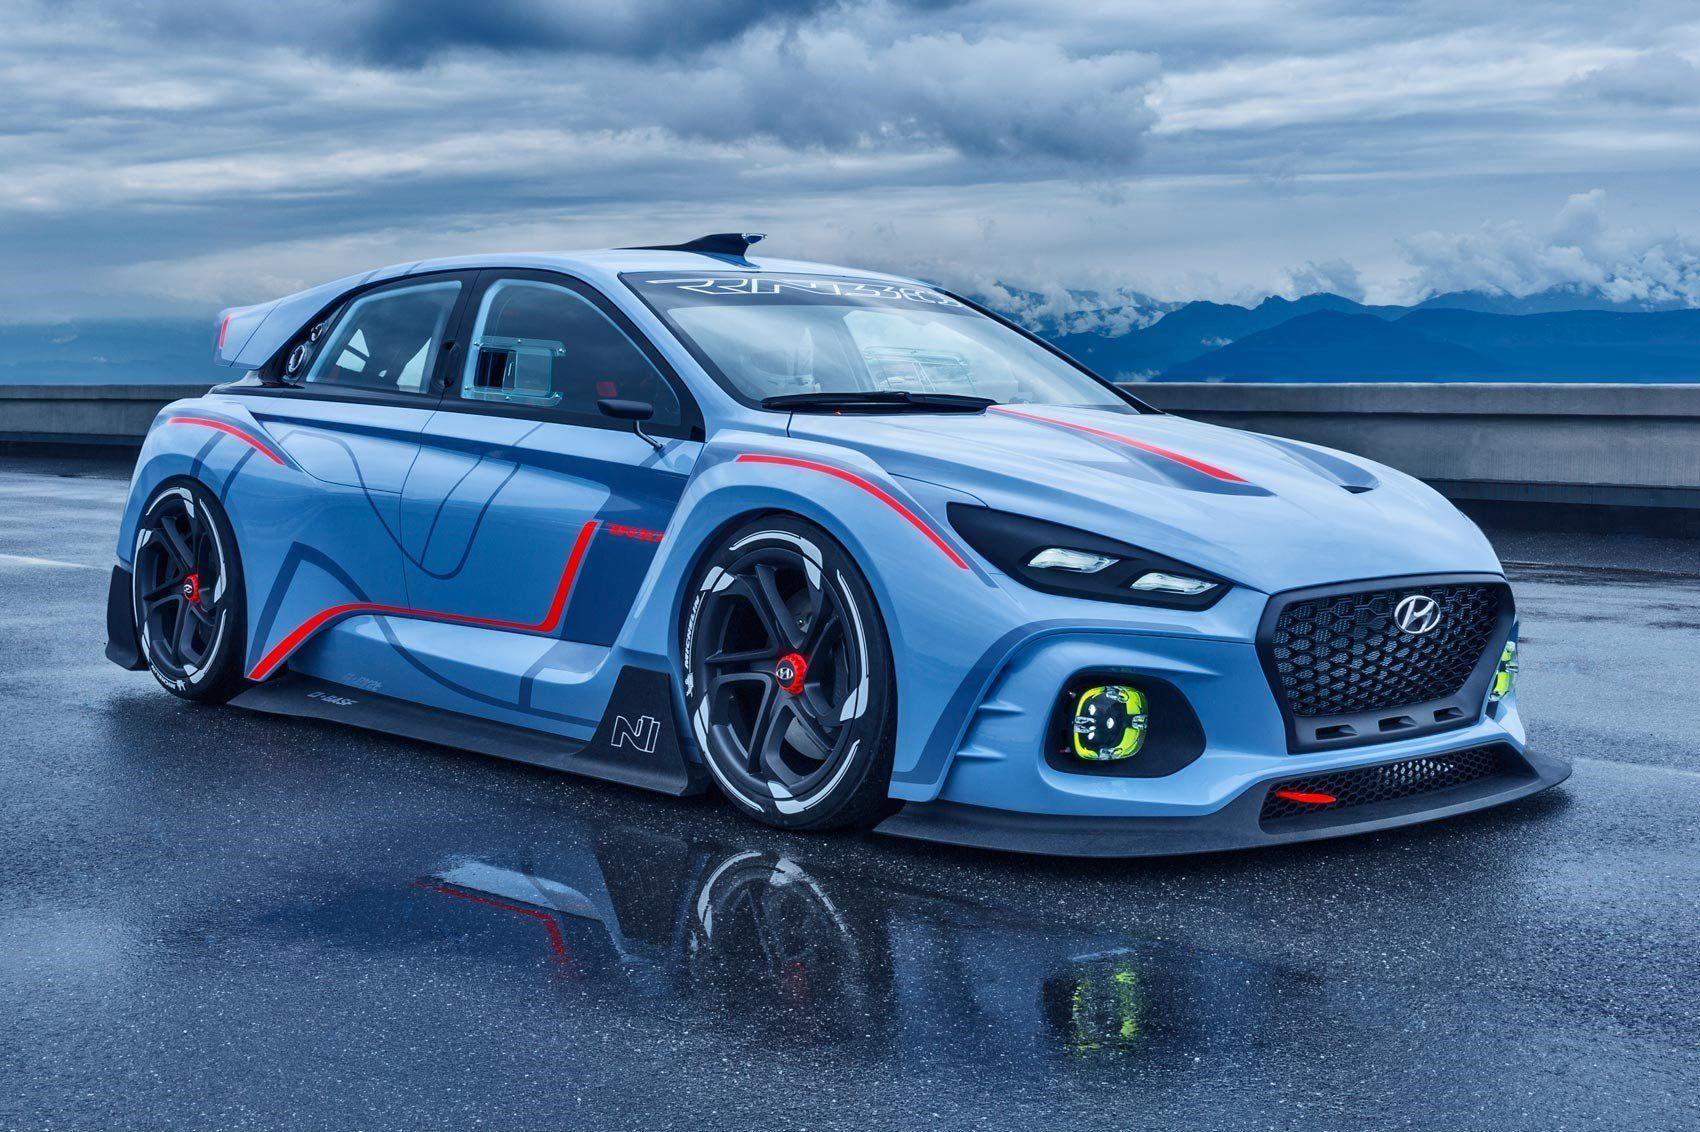 Хендай готовится выпустить новый неповторимый спорткар набазе Veloster